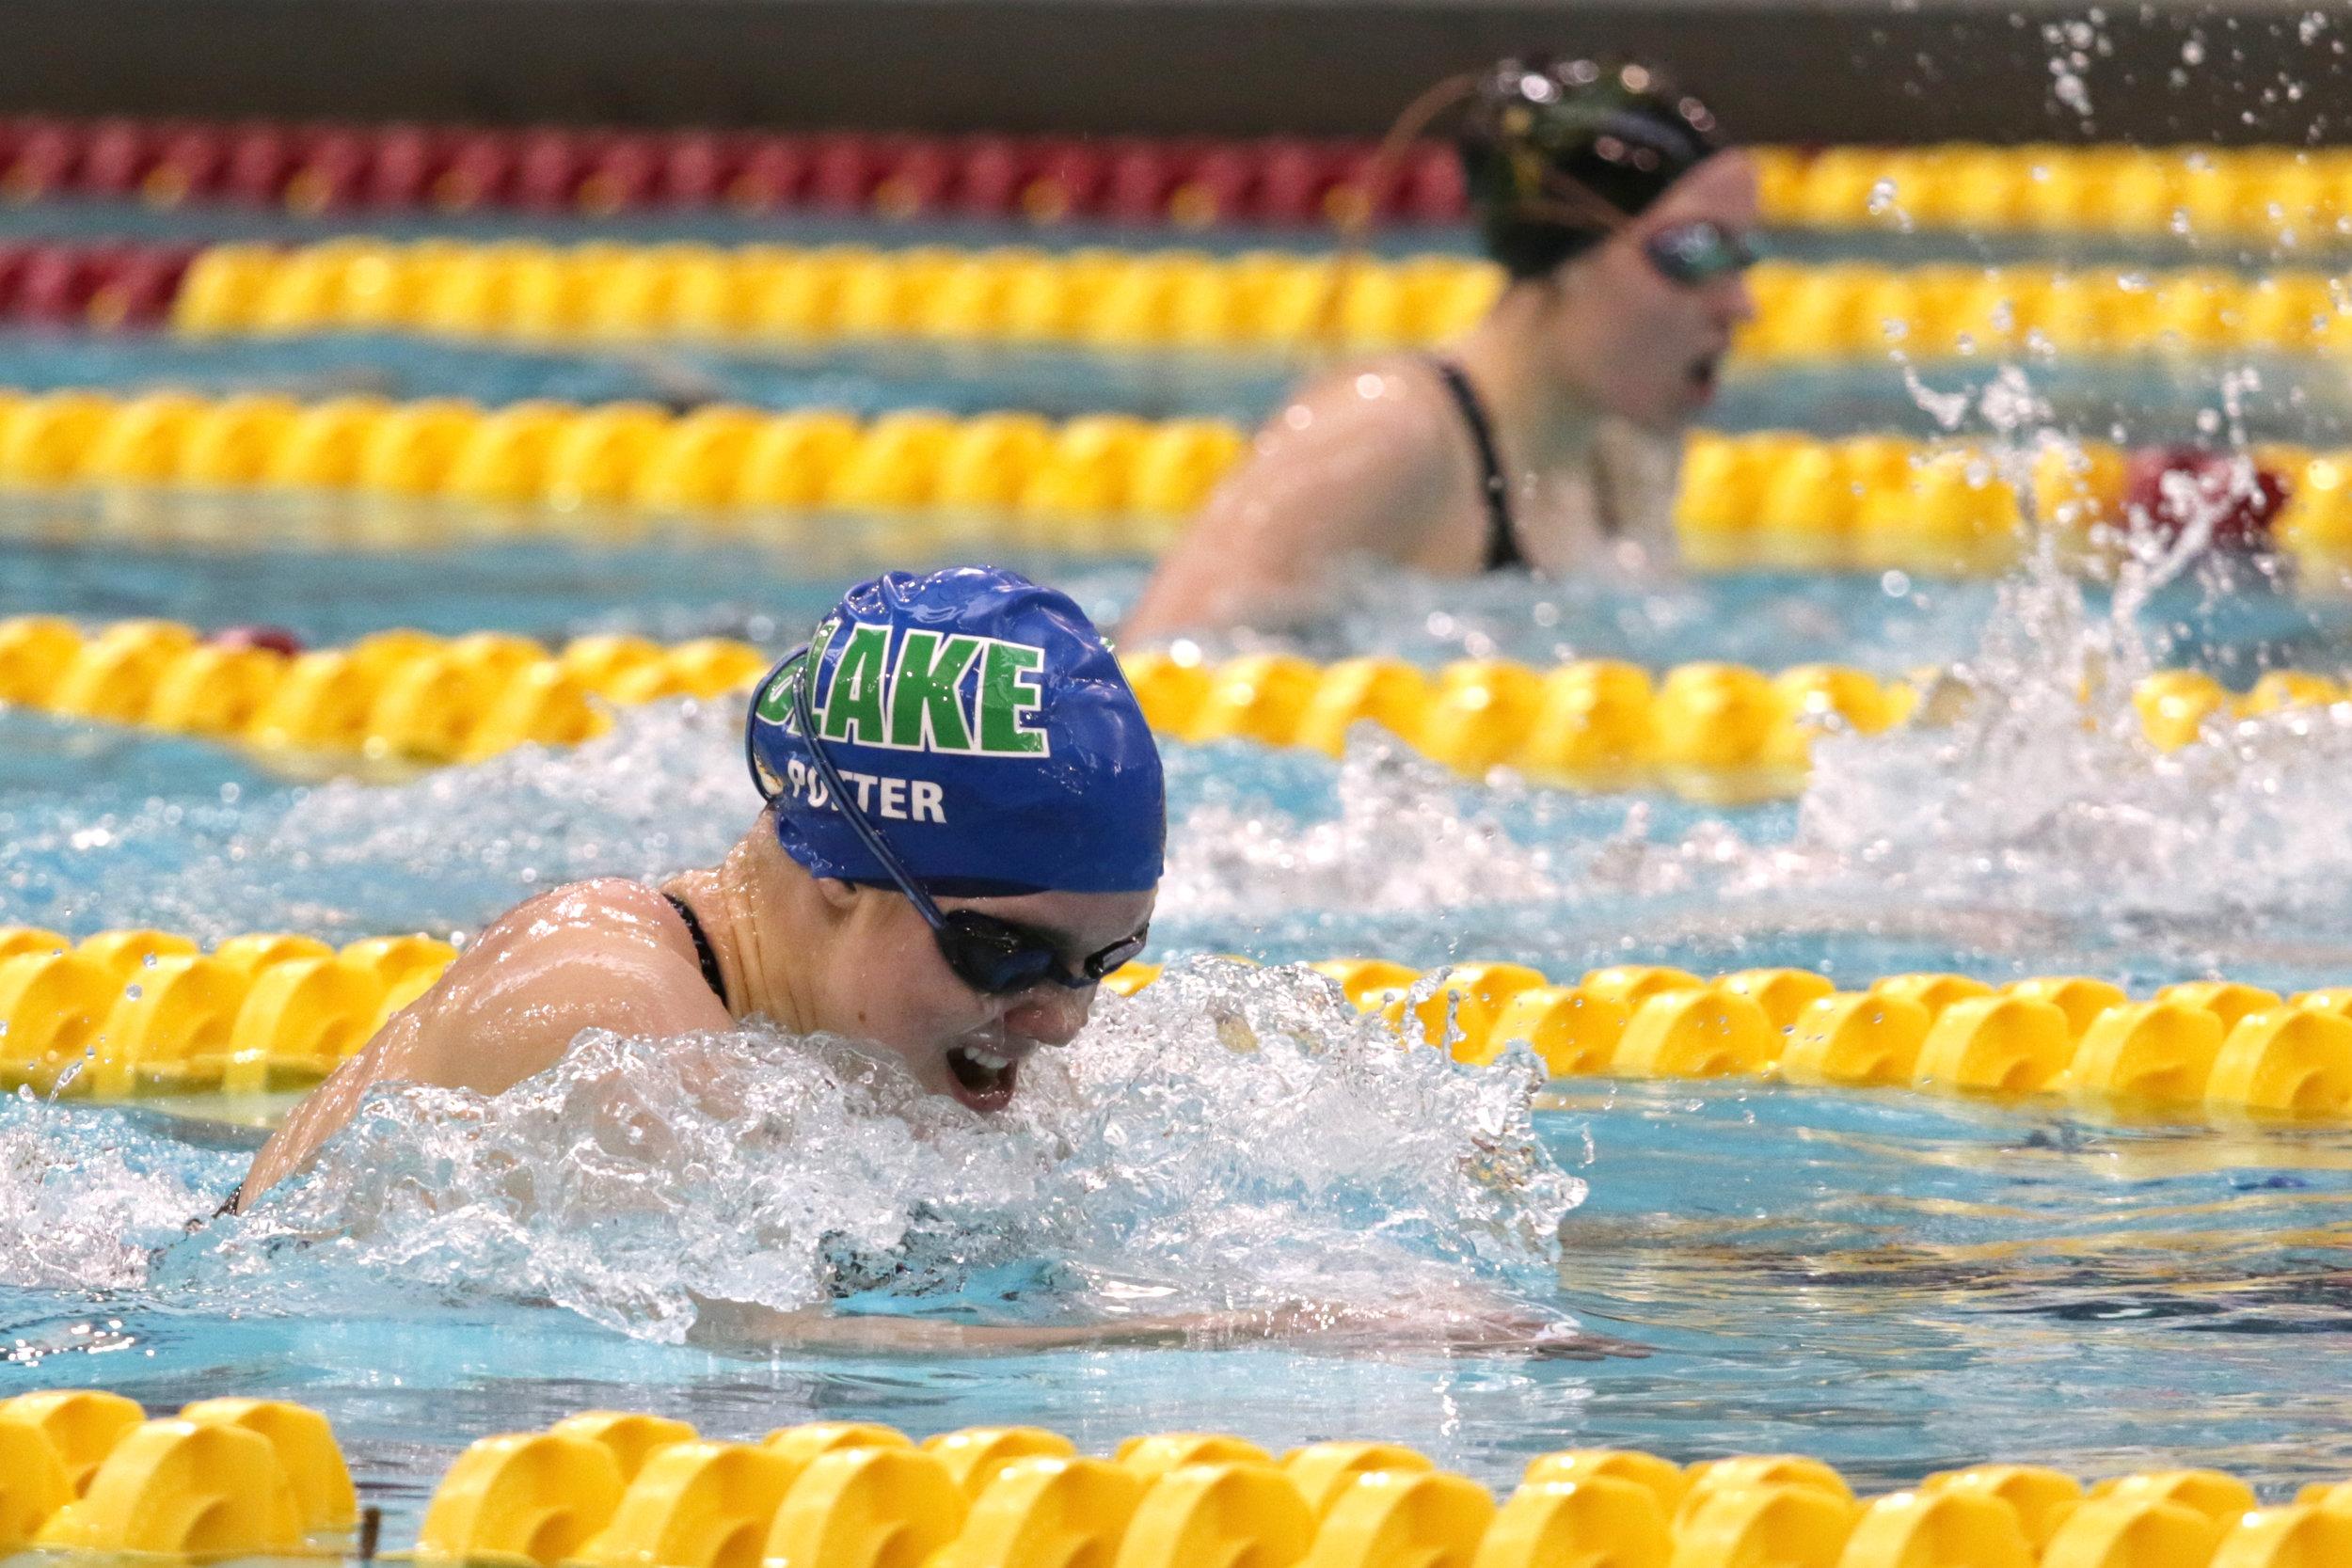 MMW_10699_2Aswim.jpg